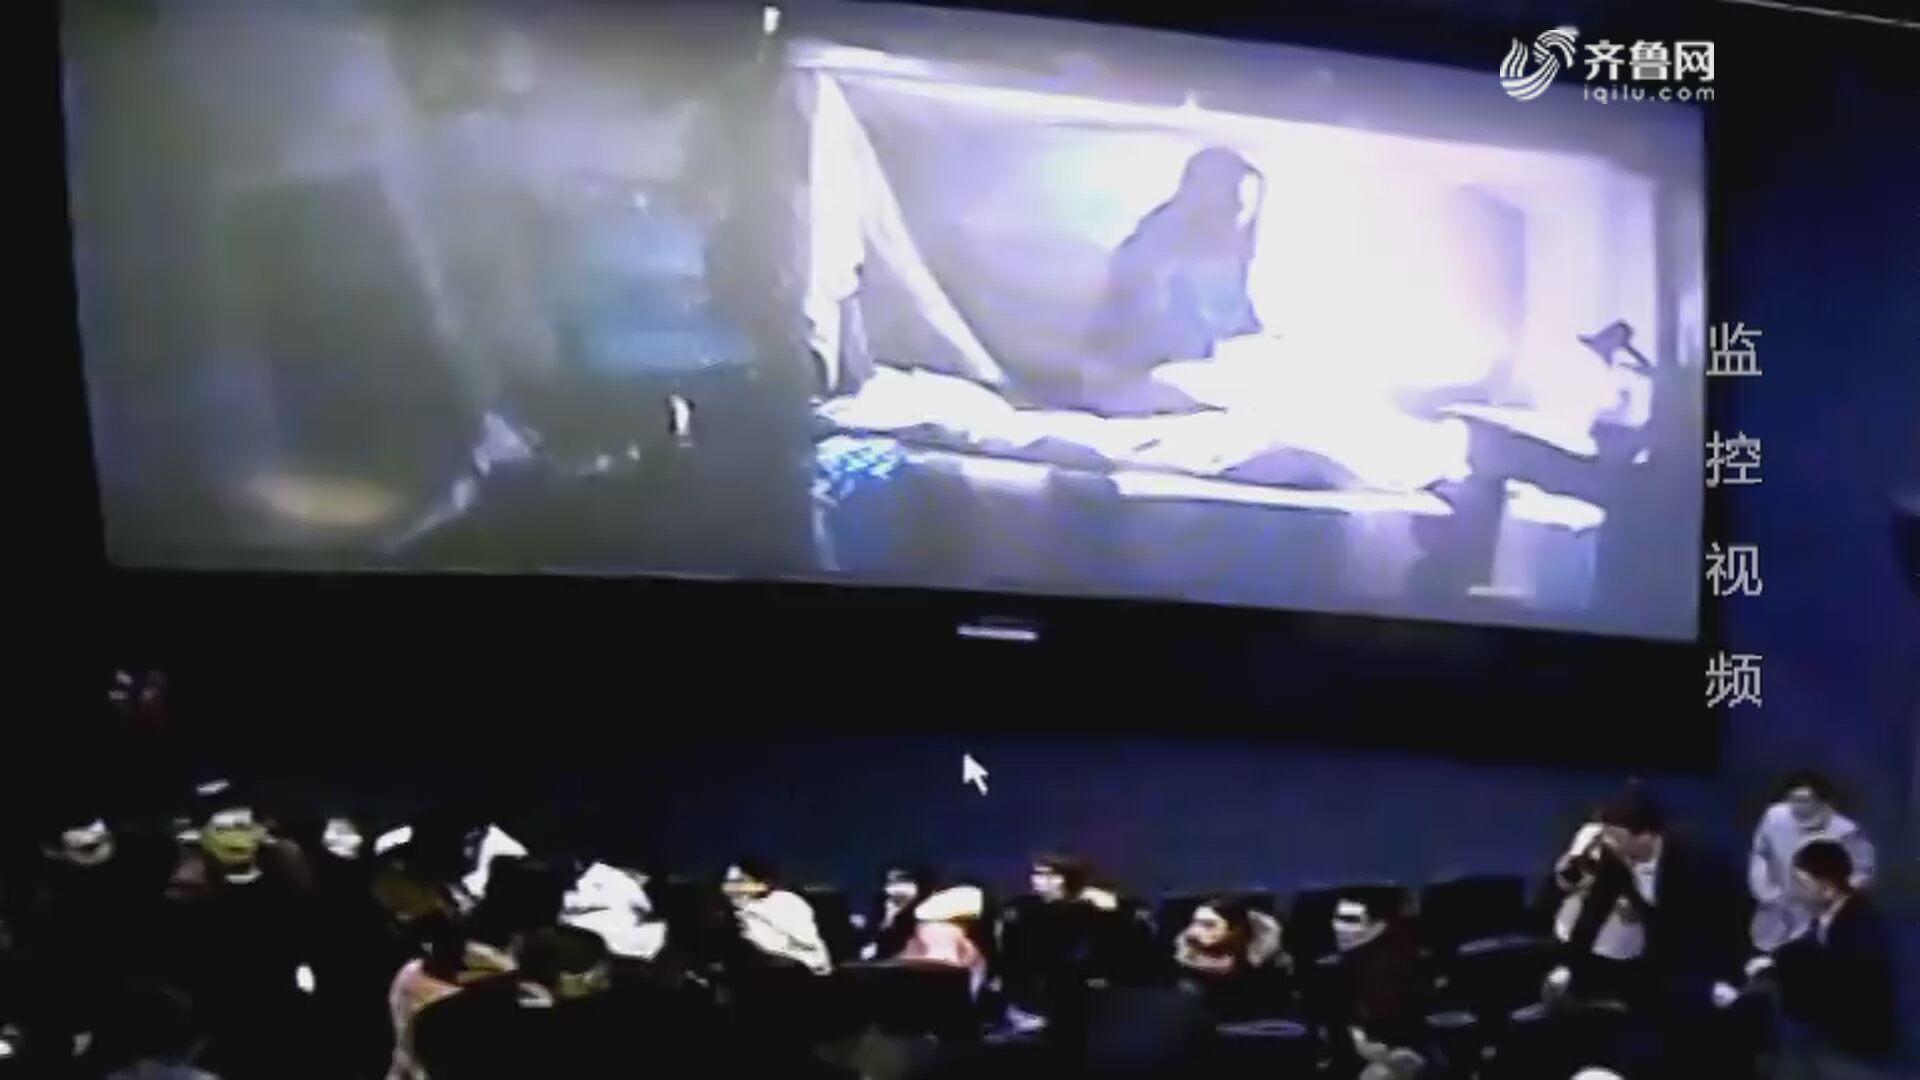 【身边正能量】潍坊:电影院发生惊心一幕 观众突发心脏病命悬一线